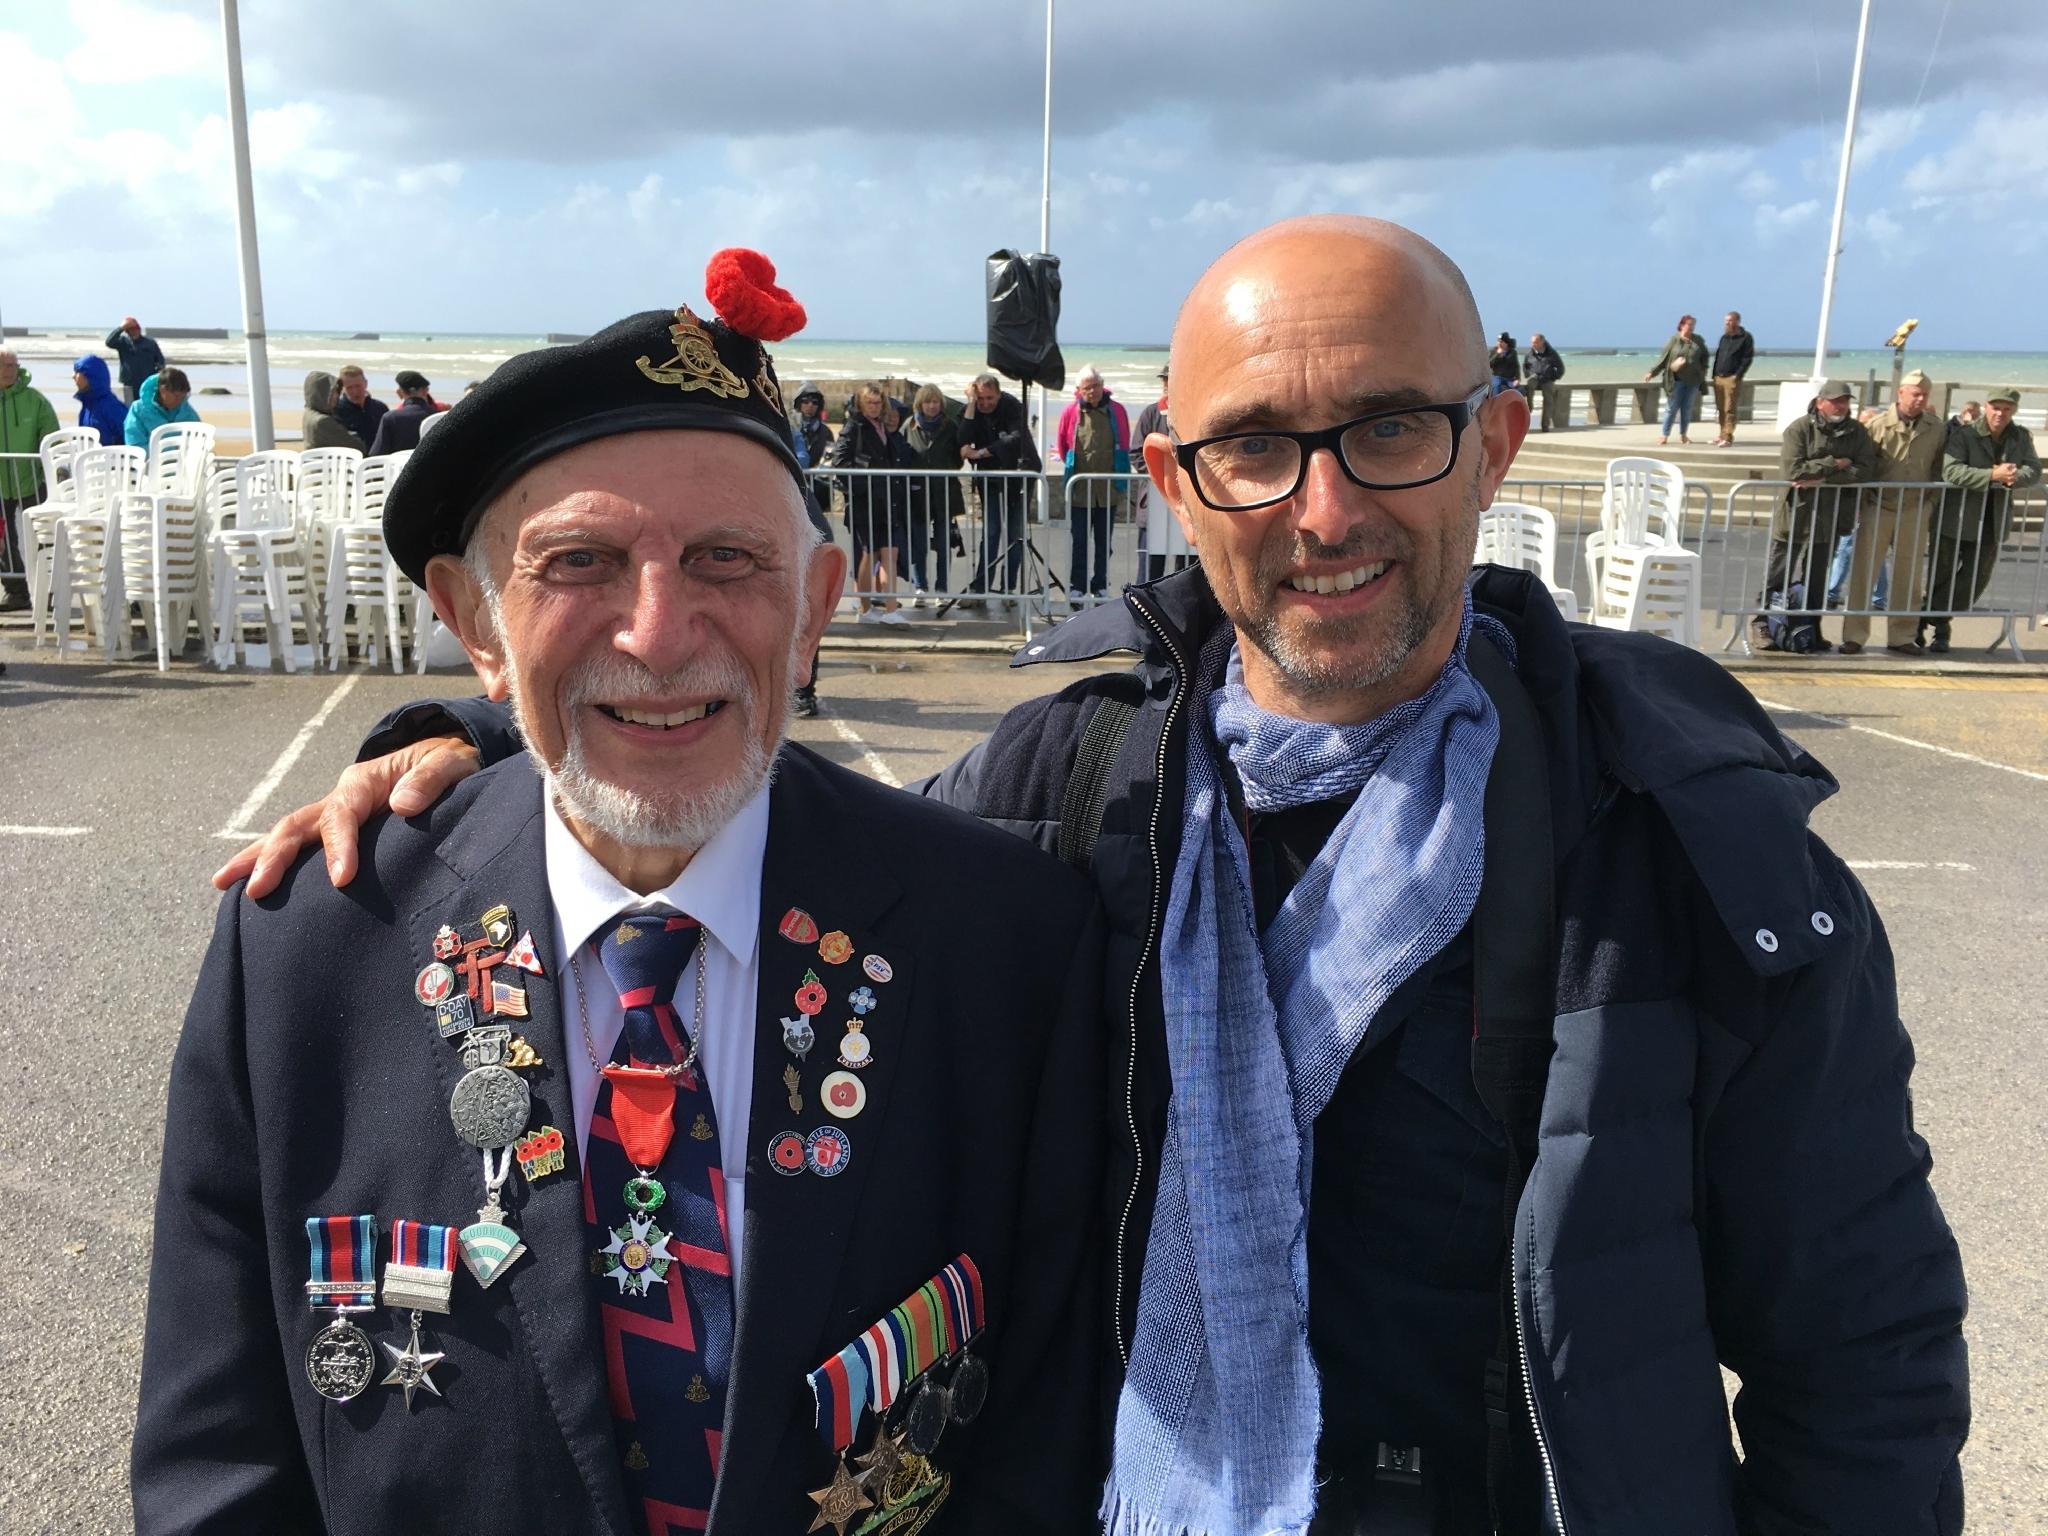 DDAY - commémorations du 73ème anniversaire du débarquement - mardi 6 juin 2017 • Bayeux et Arromanches • tweets report